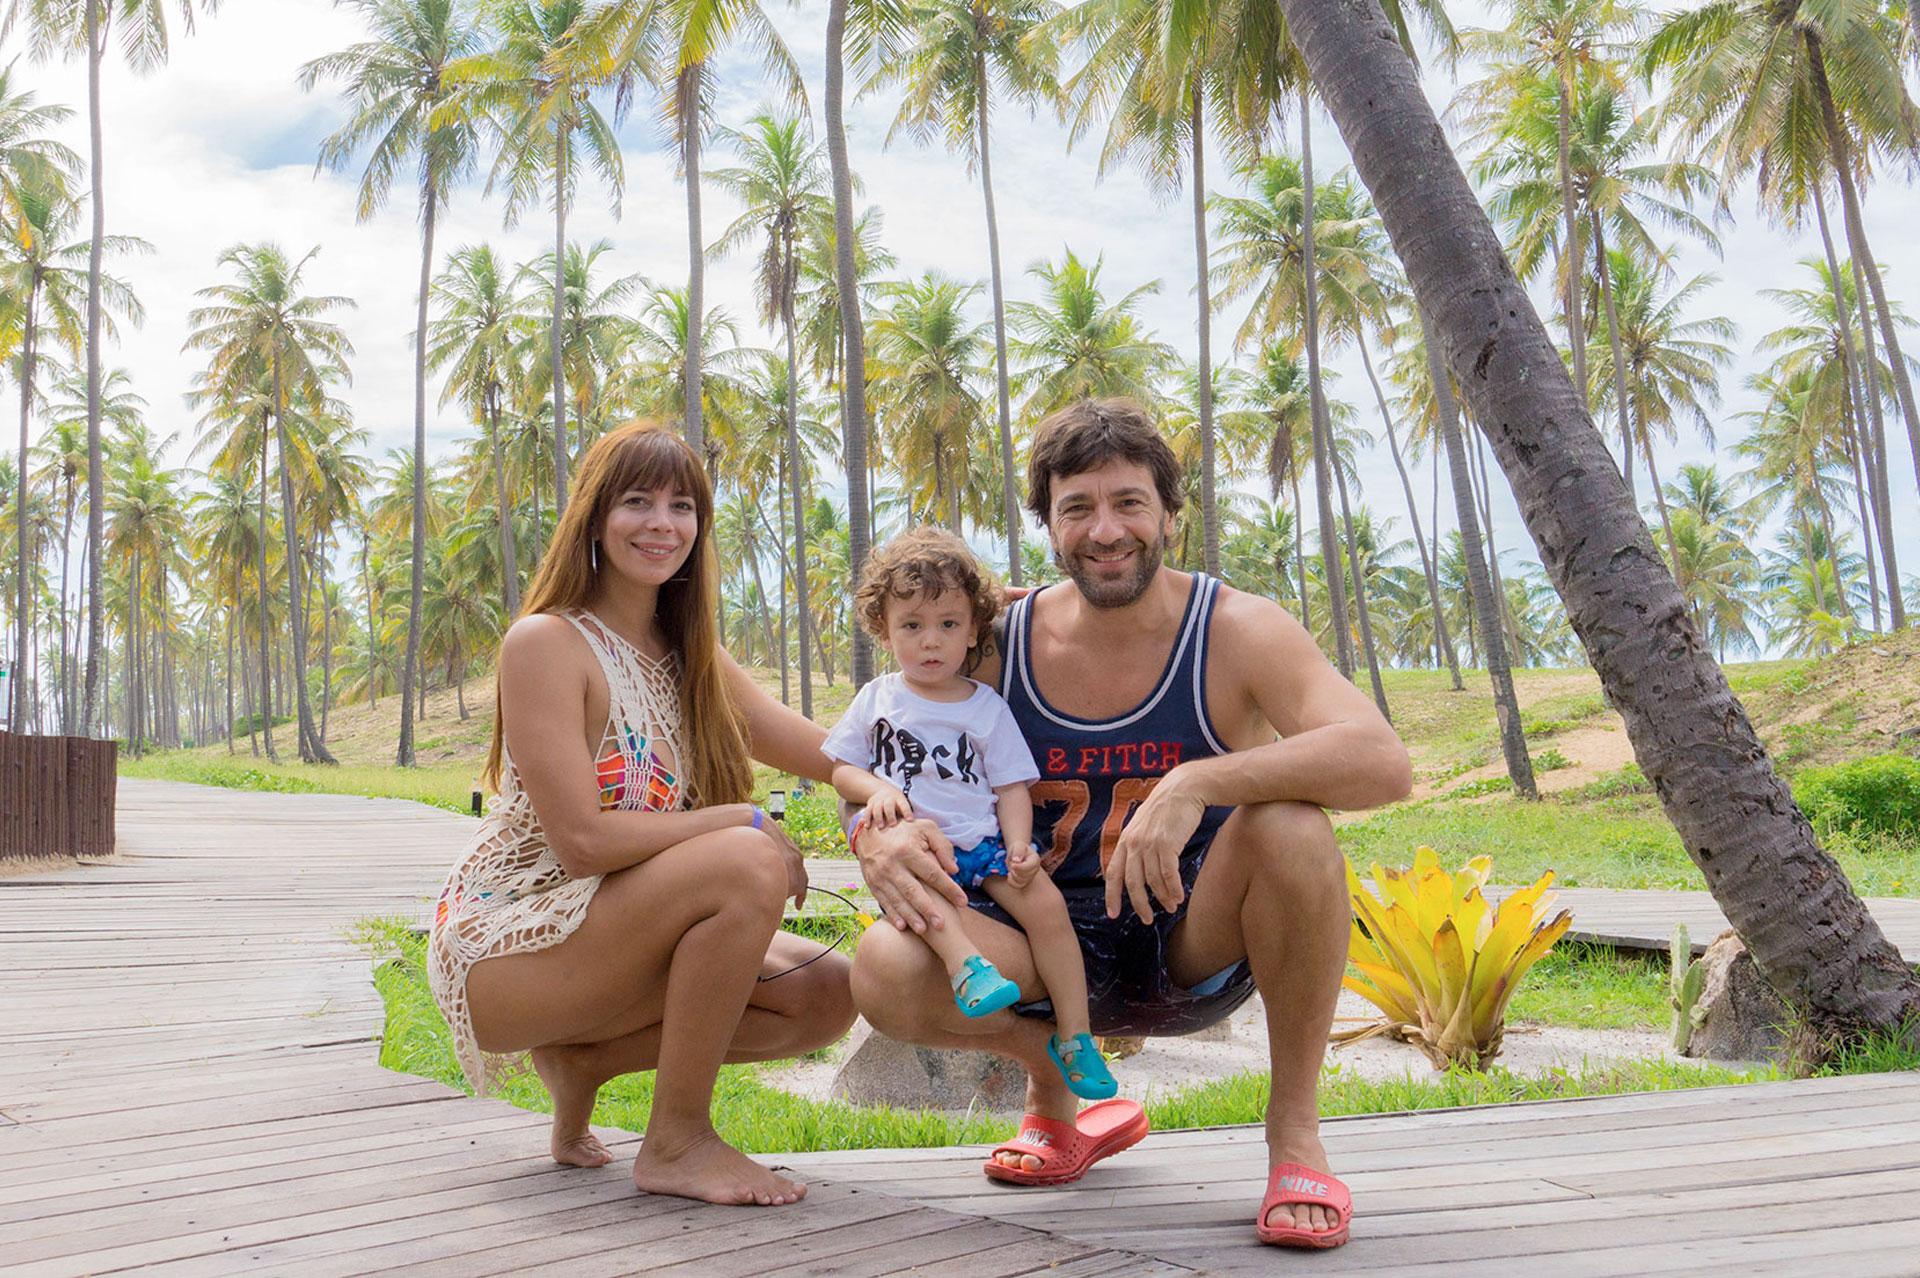 Ximena Capristo, Gustavo Conti y su hijo Félix de vacaciones en Imbassai, Brasil.